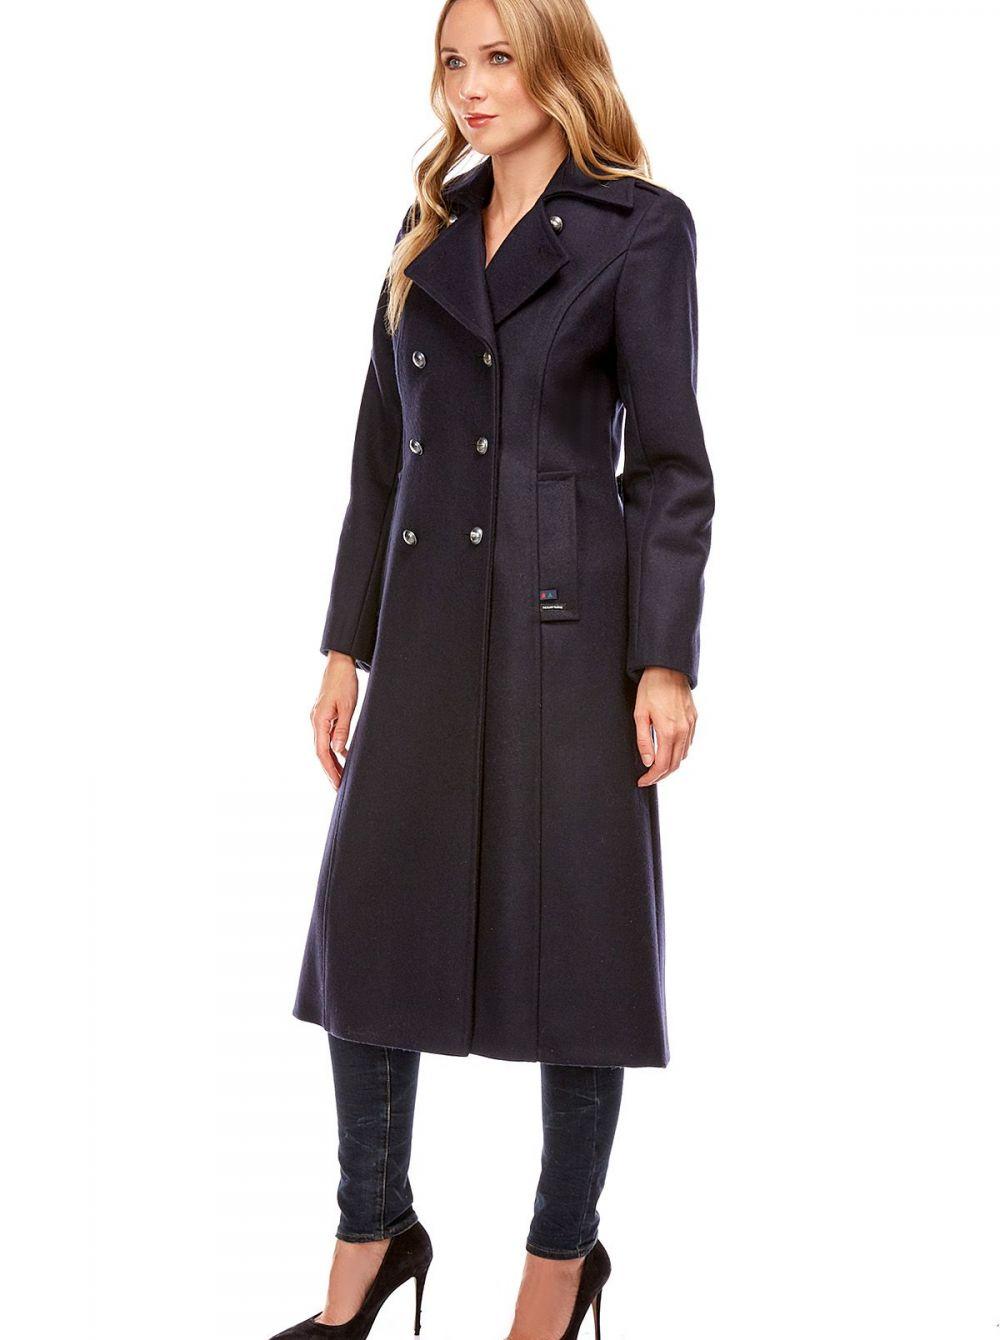 manteau long femme carnac qualit cachemire la maison du caban by dalmard marine. Black Bedroom Furniture Sets. Home Design Ideas